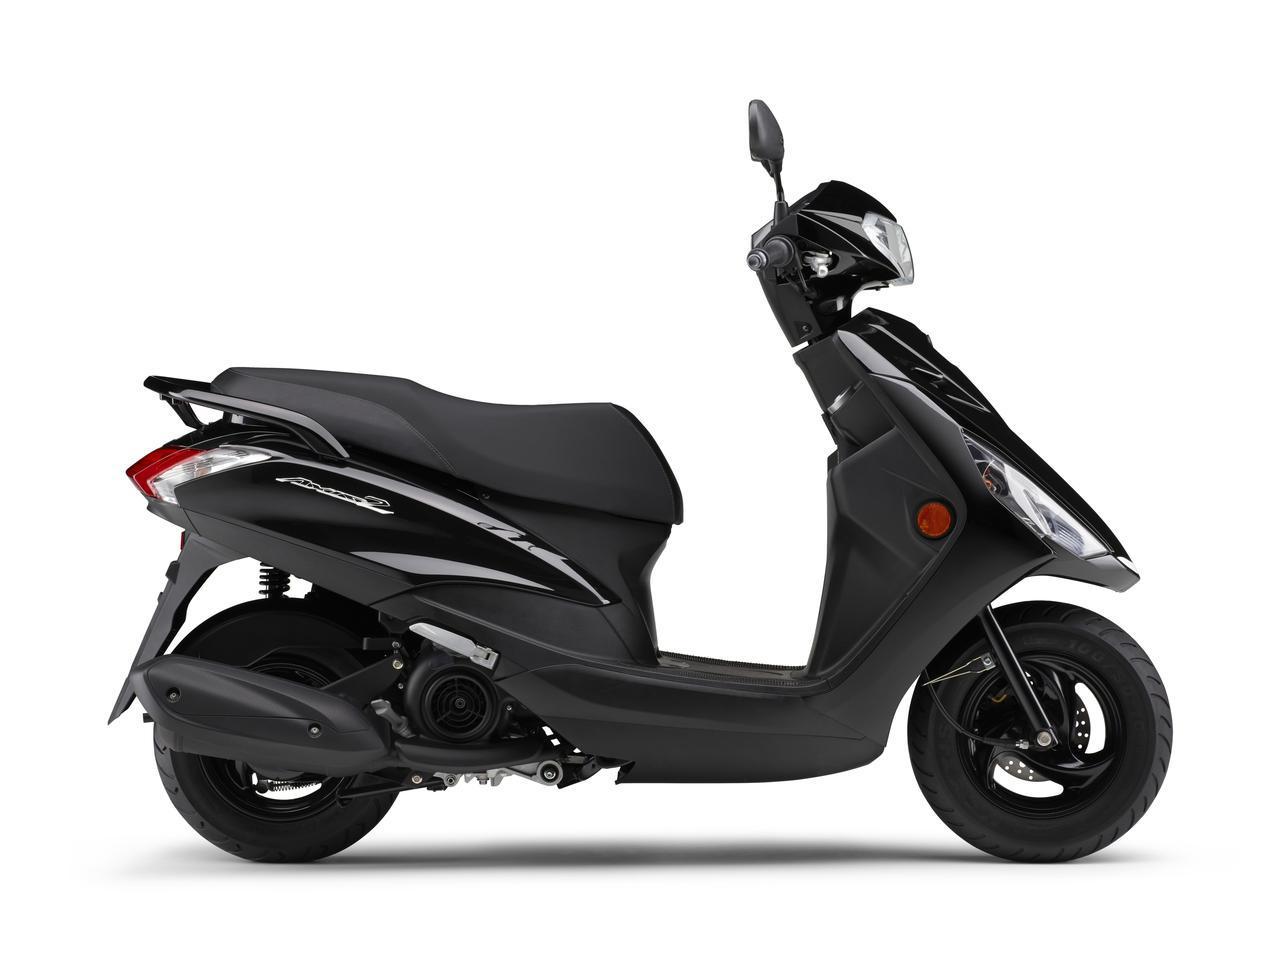 画像5: ヤマハが125ccスクーター「アクシスZ」の2021年モデルを発表! カラーは全5色設定で2月5日に発売